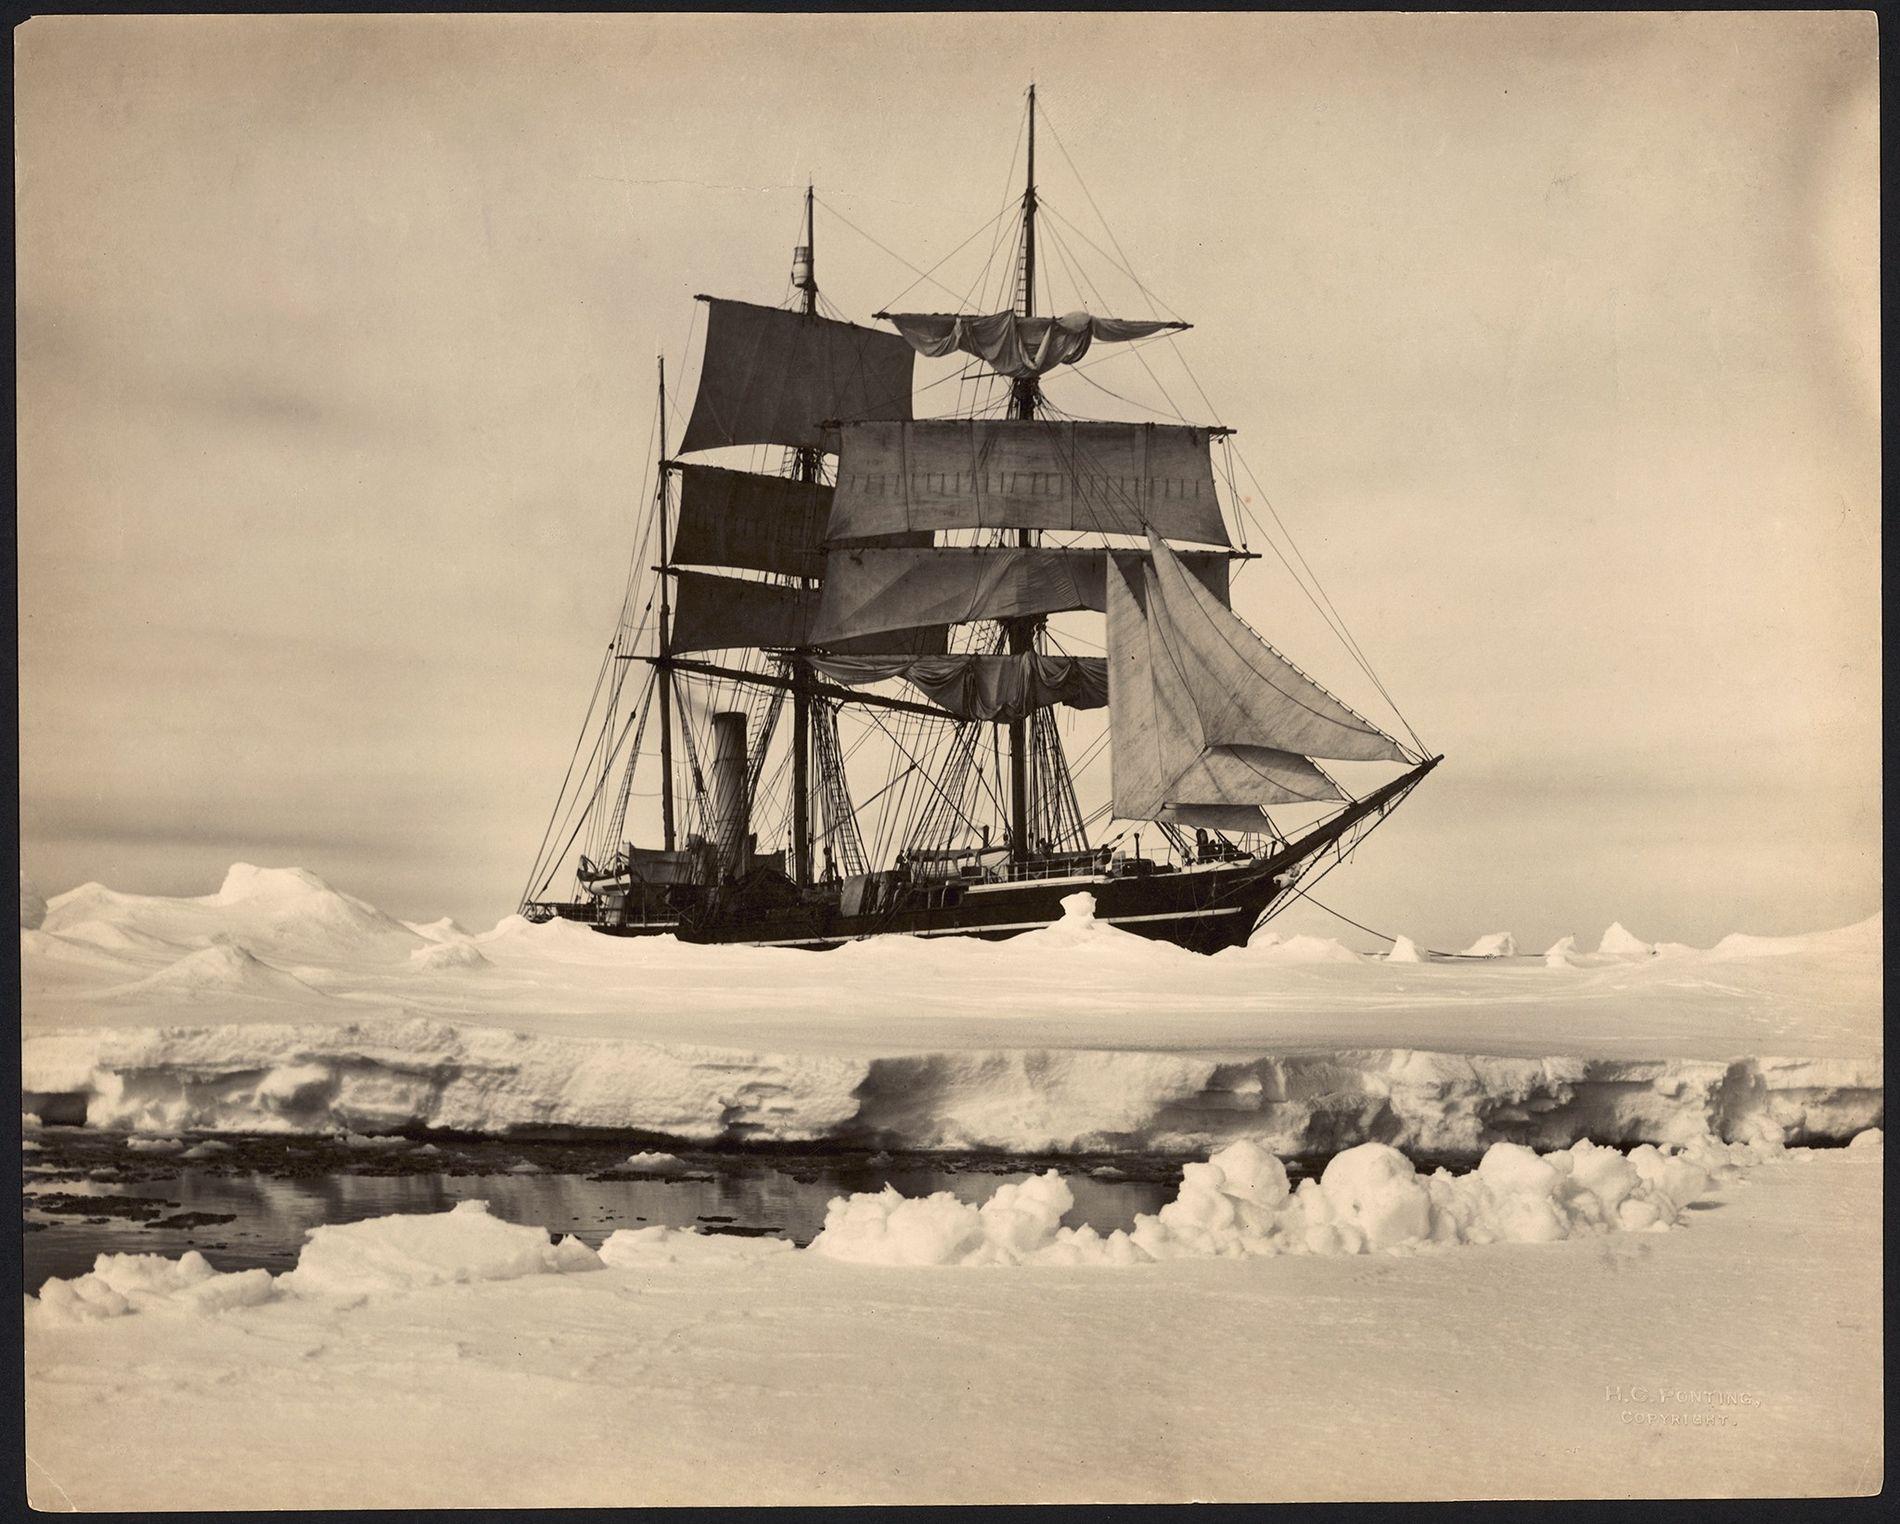 El barco Terra Nova